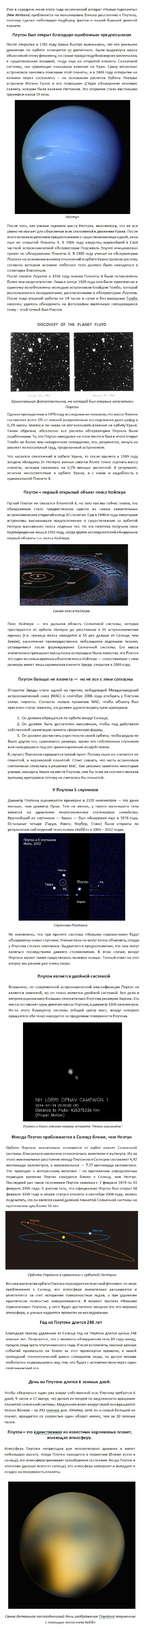 Уже в середине июля этого года космический аппарат «Новые горизонты» (New Horizons) приблизится на максимально близко расстояние к Плутону, поэтому сделал небольшую подборку фактов о нашей бывшей девятой планете. Плутон был открыт благодаря ошибочным предпосылкам После открытия в 1781 году Урана